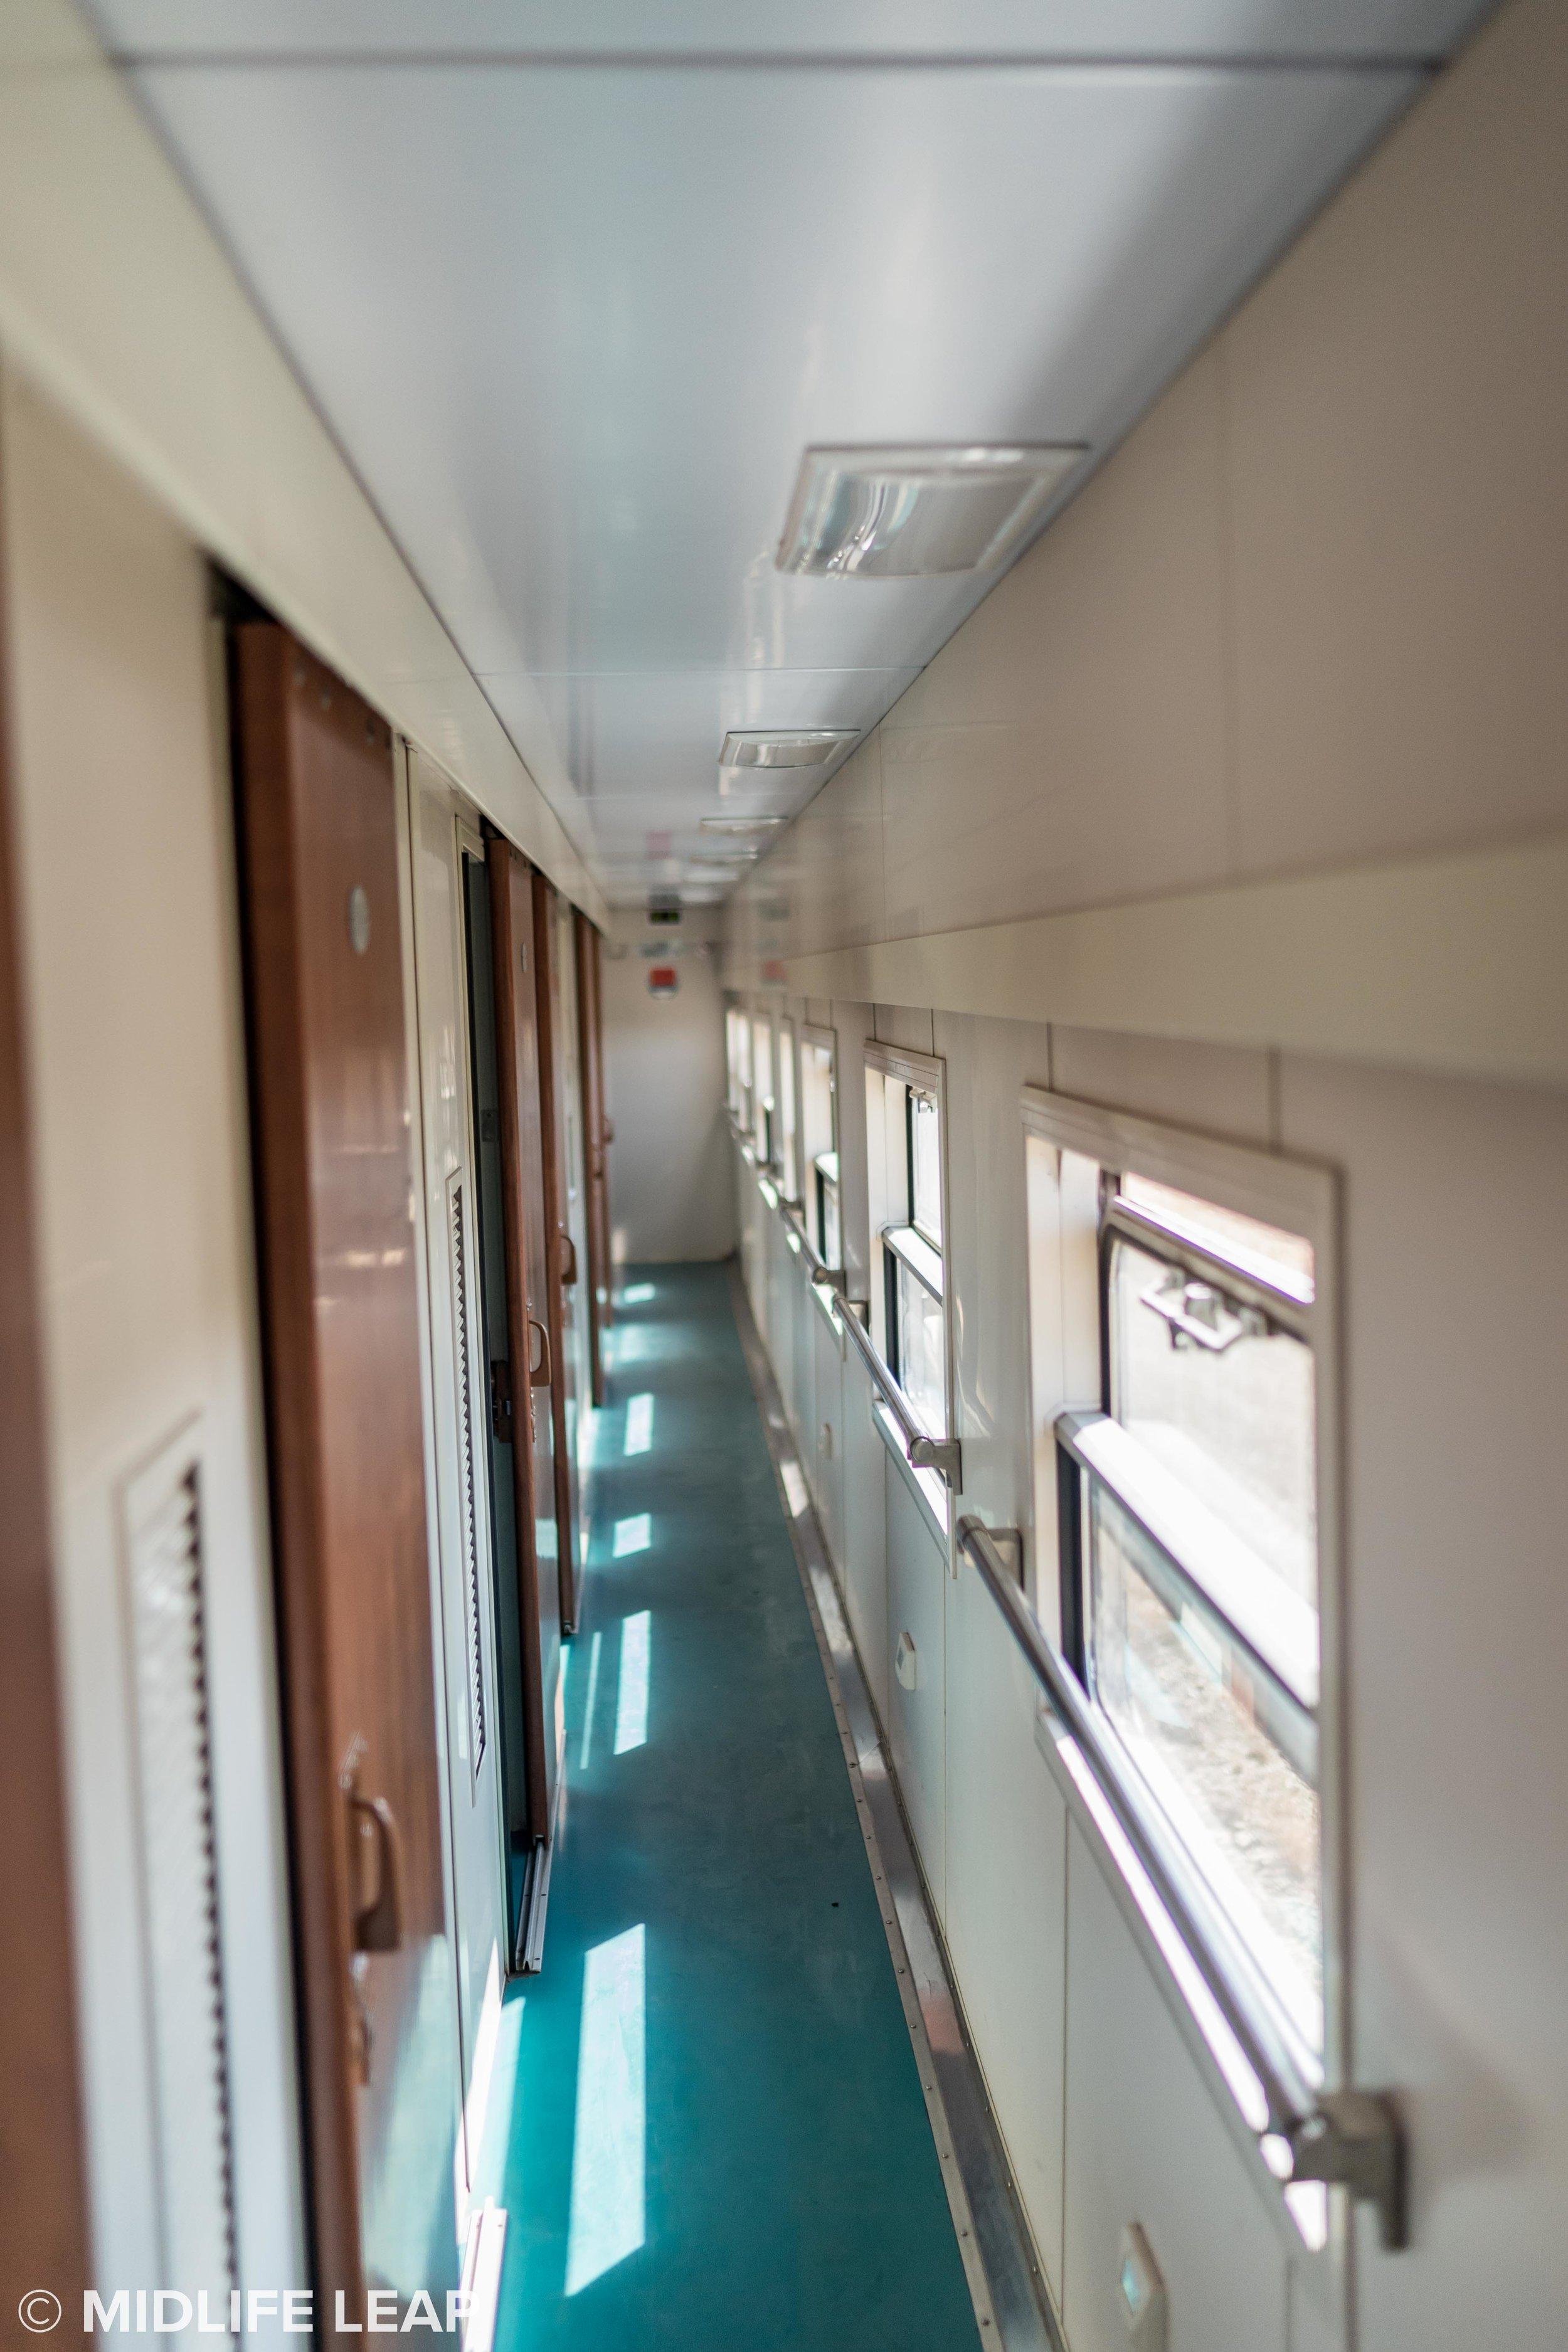 The train corridor